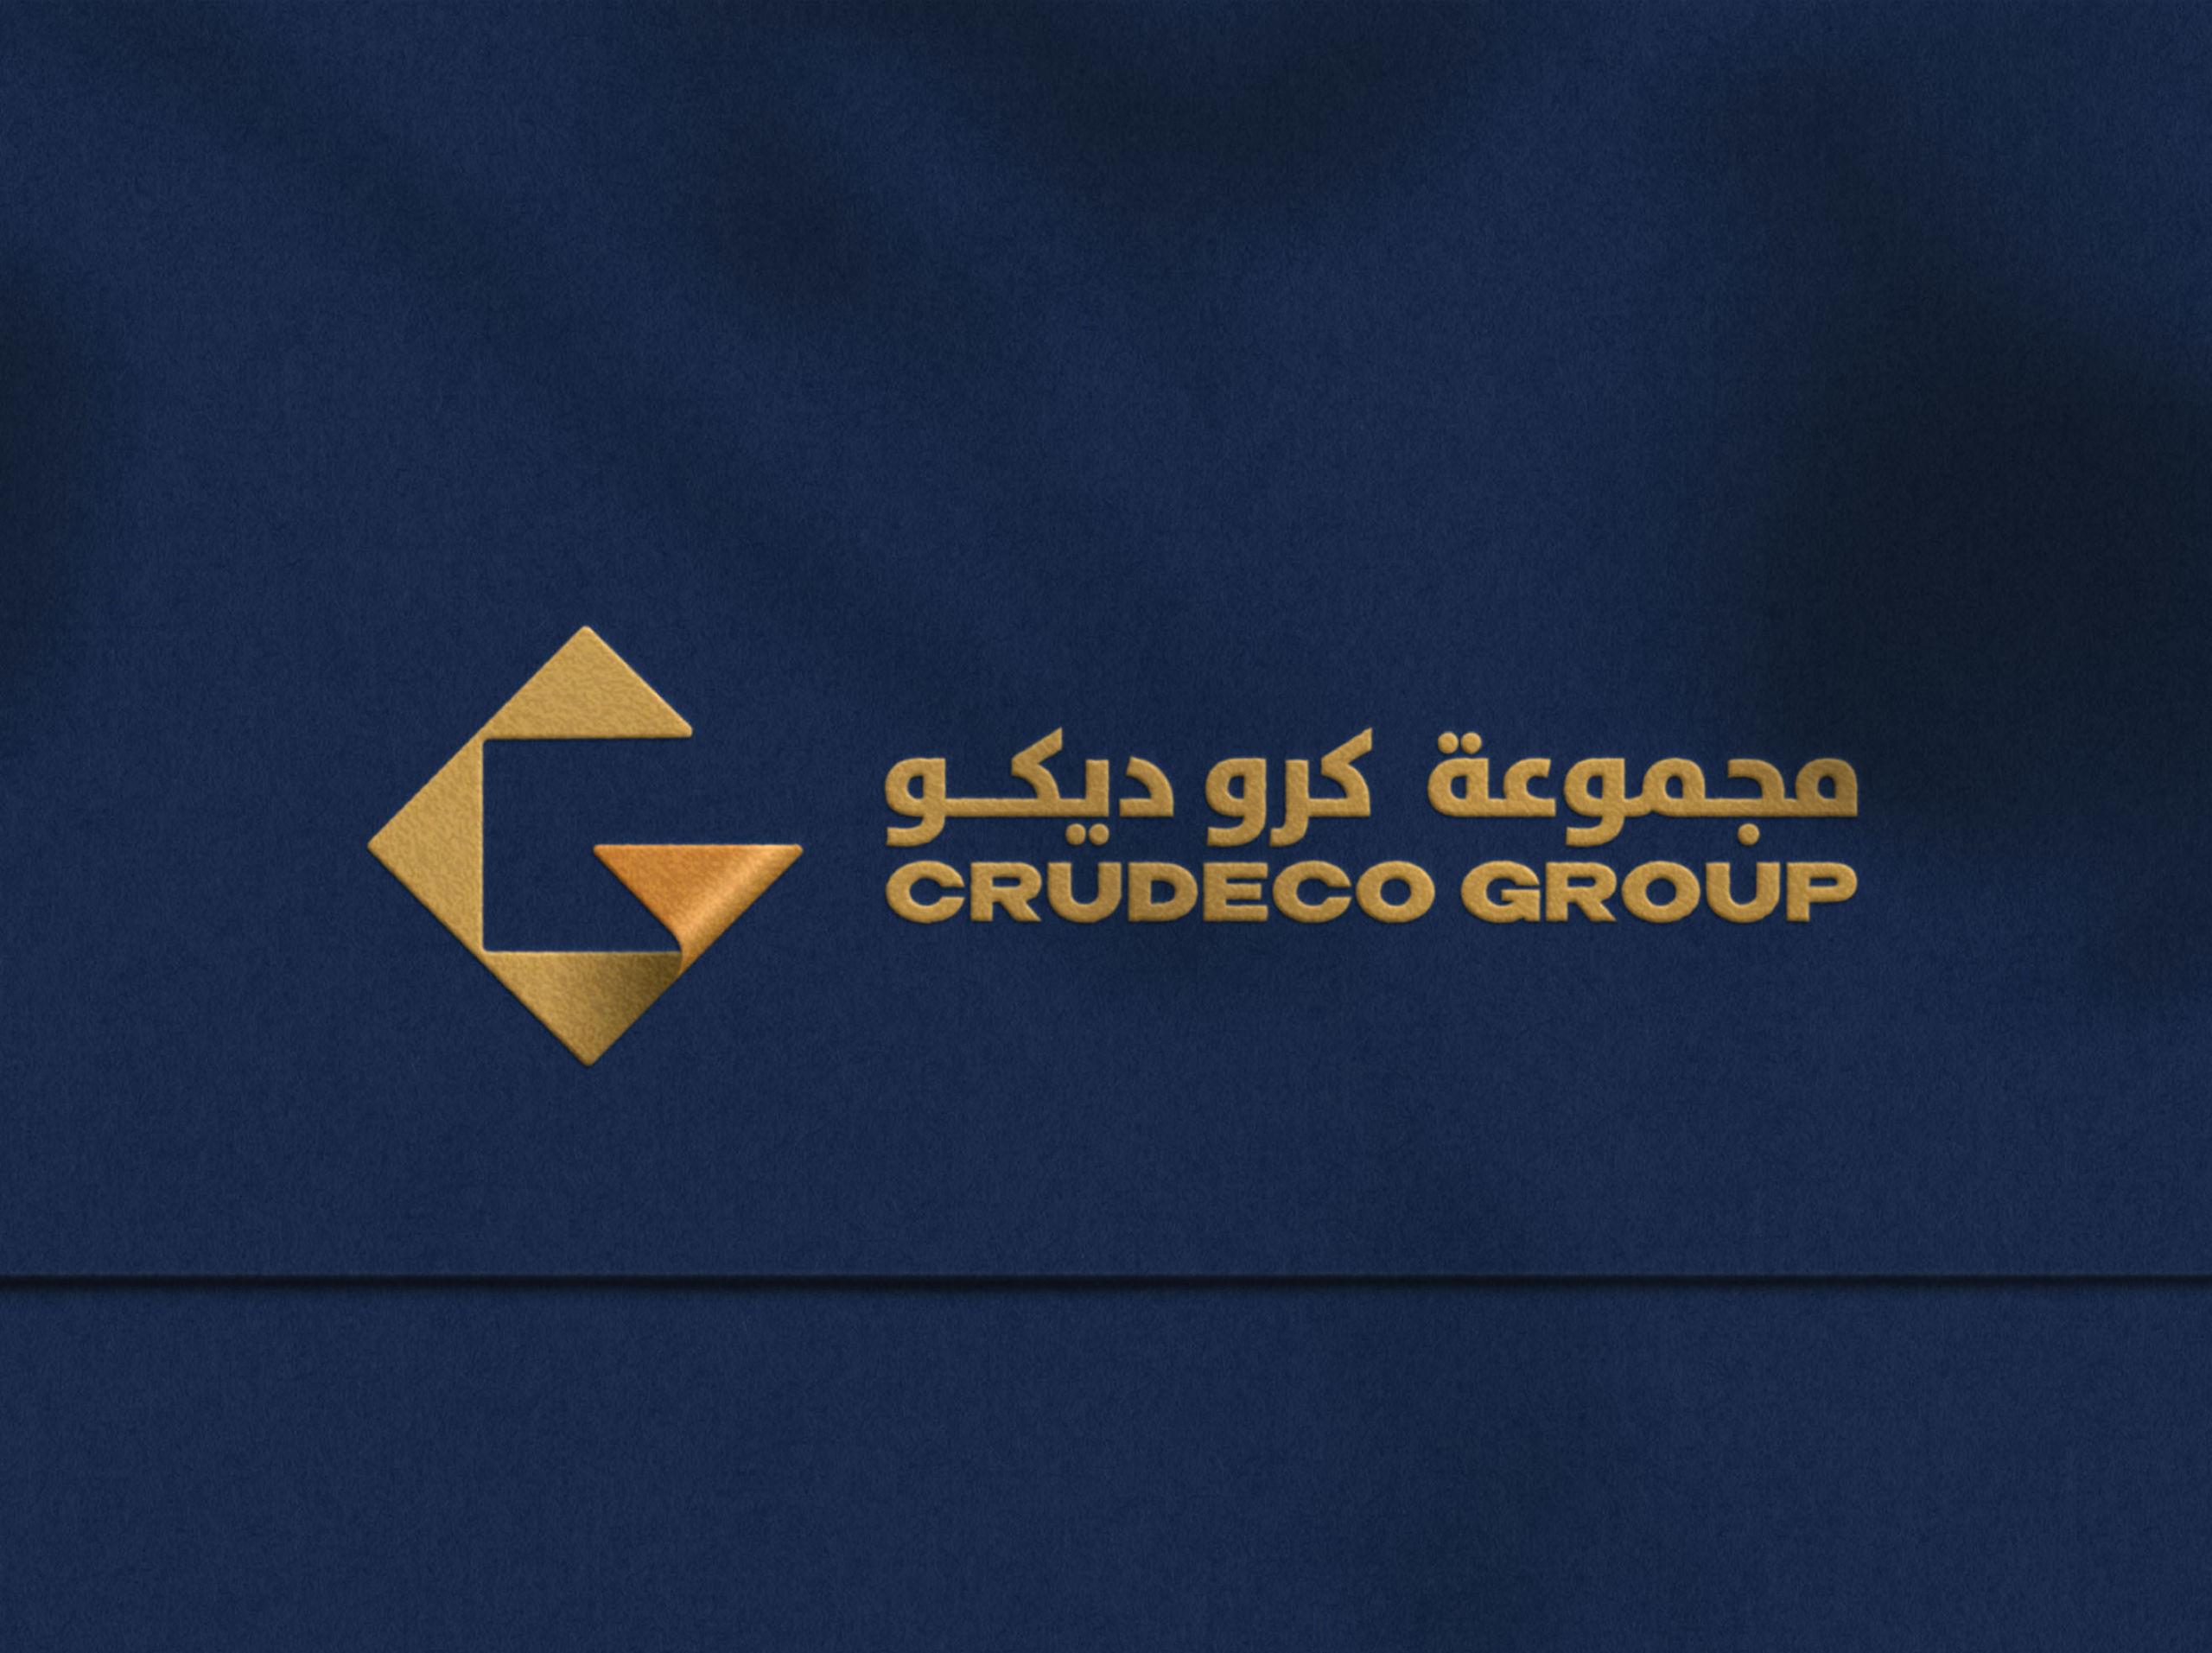 Crudeco Logo scaled